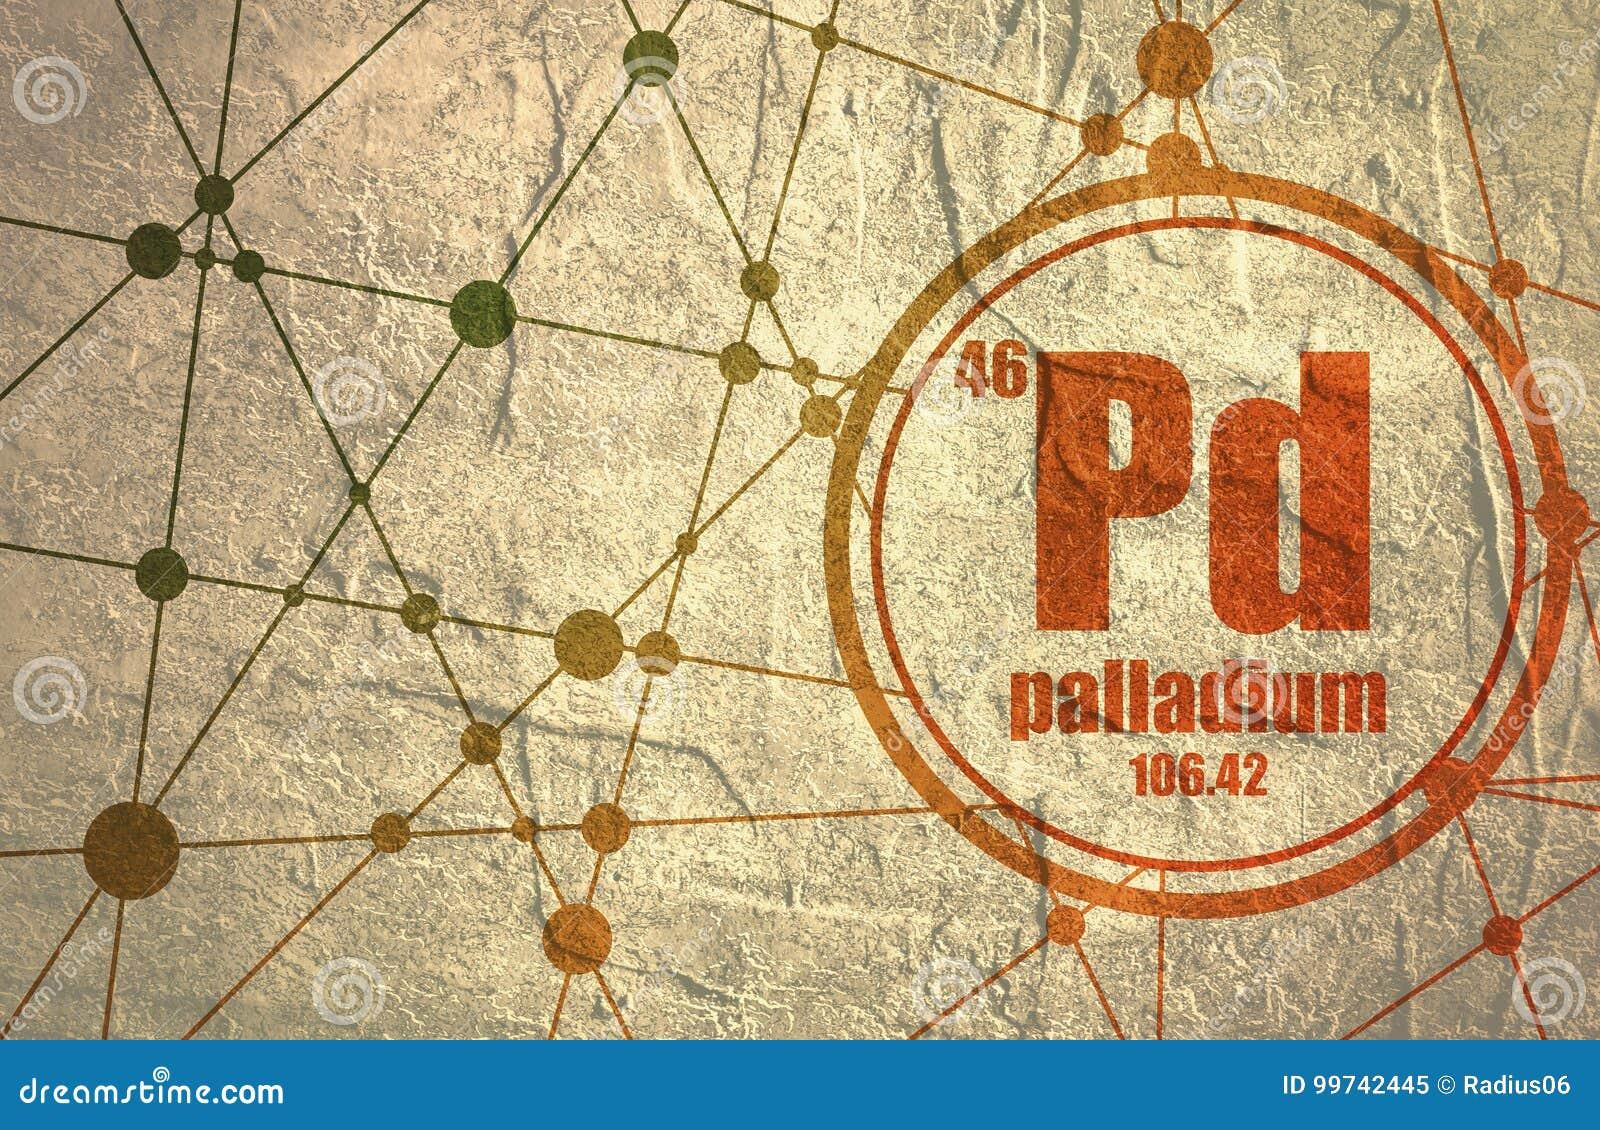 Palladium chemisch element